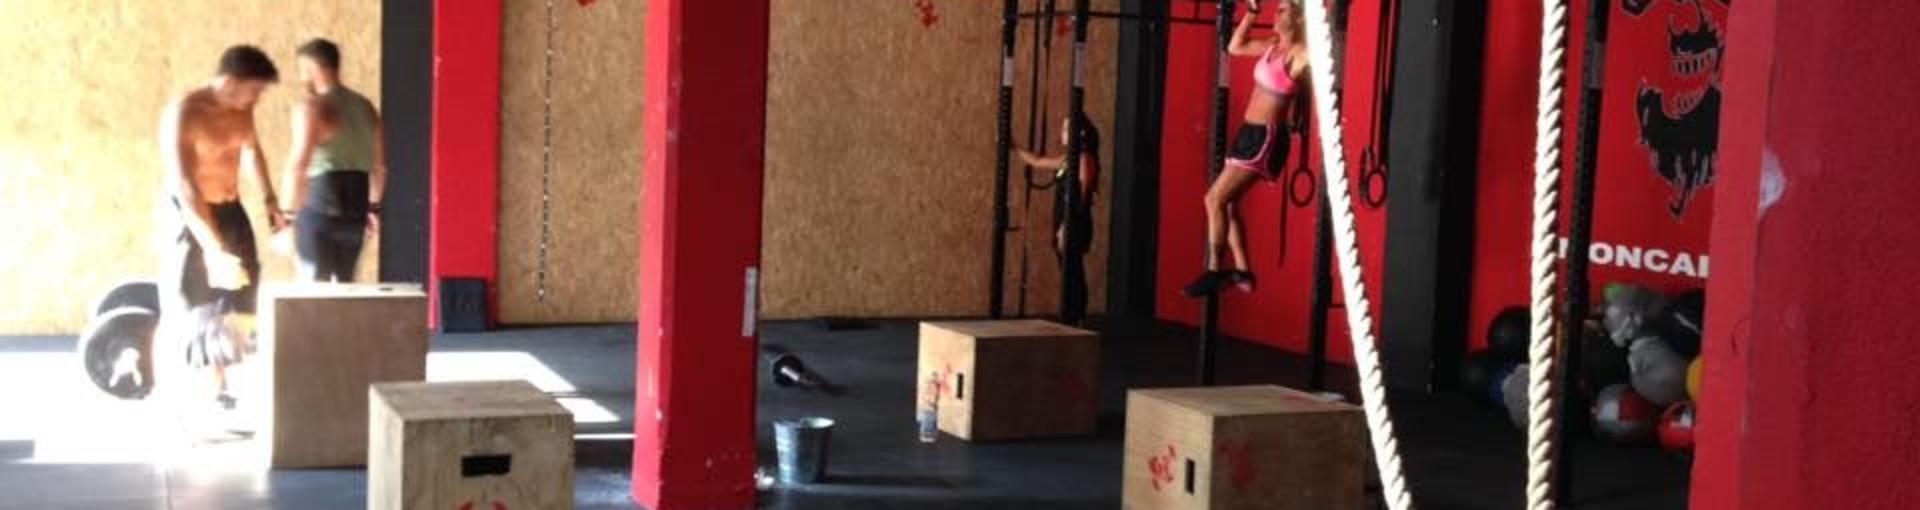 CrossFit Moncalieri  - Moncalieri